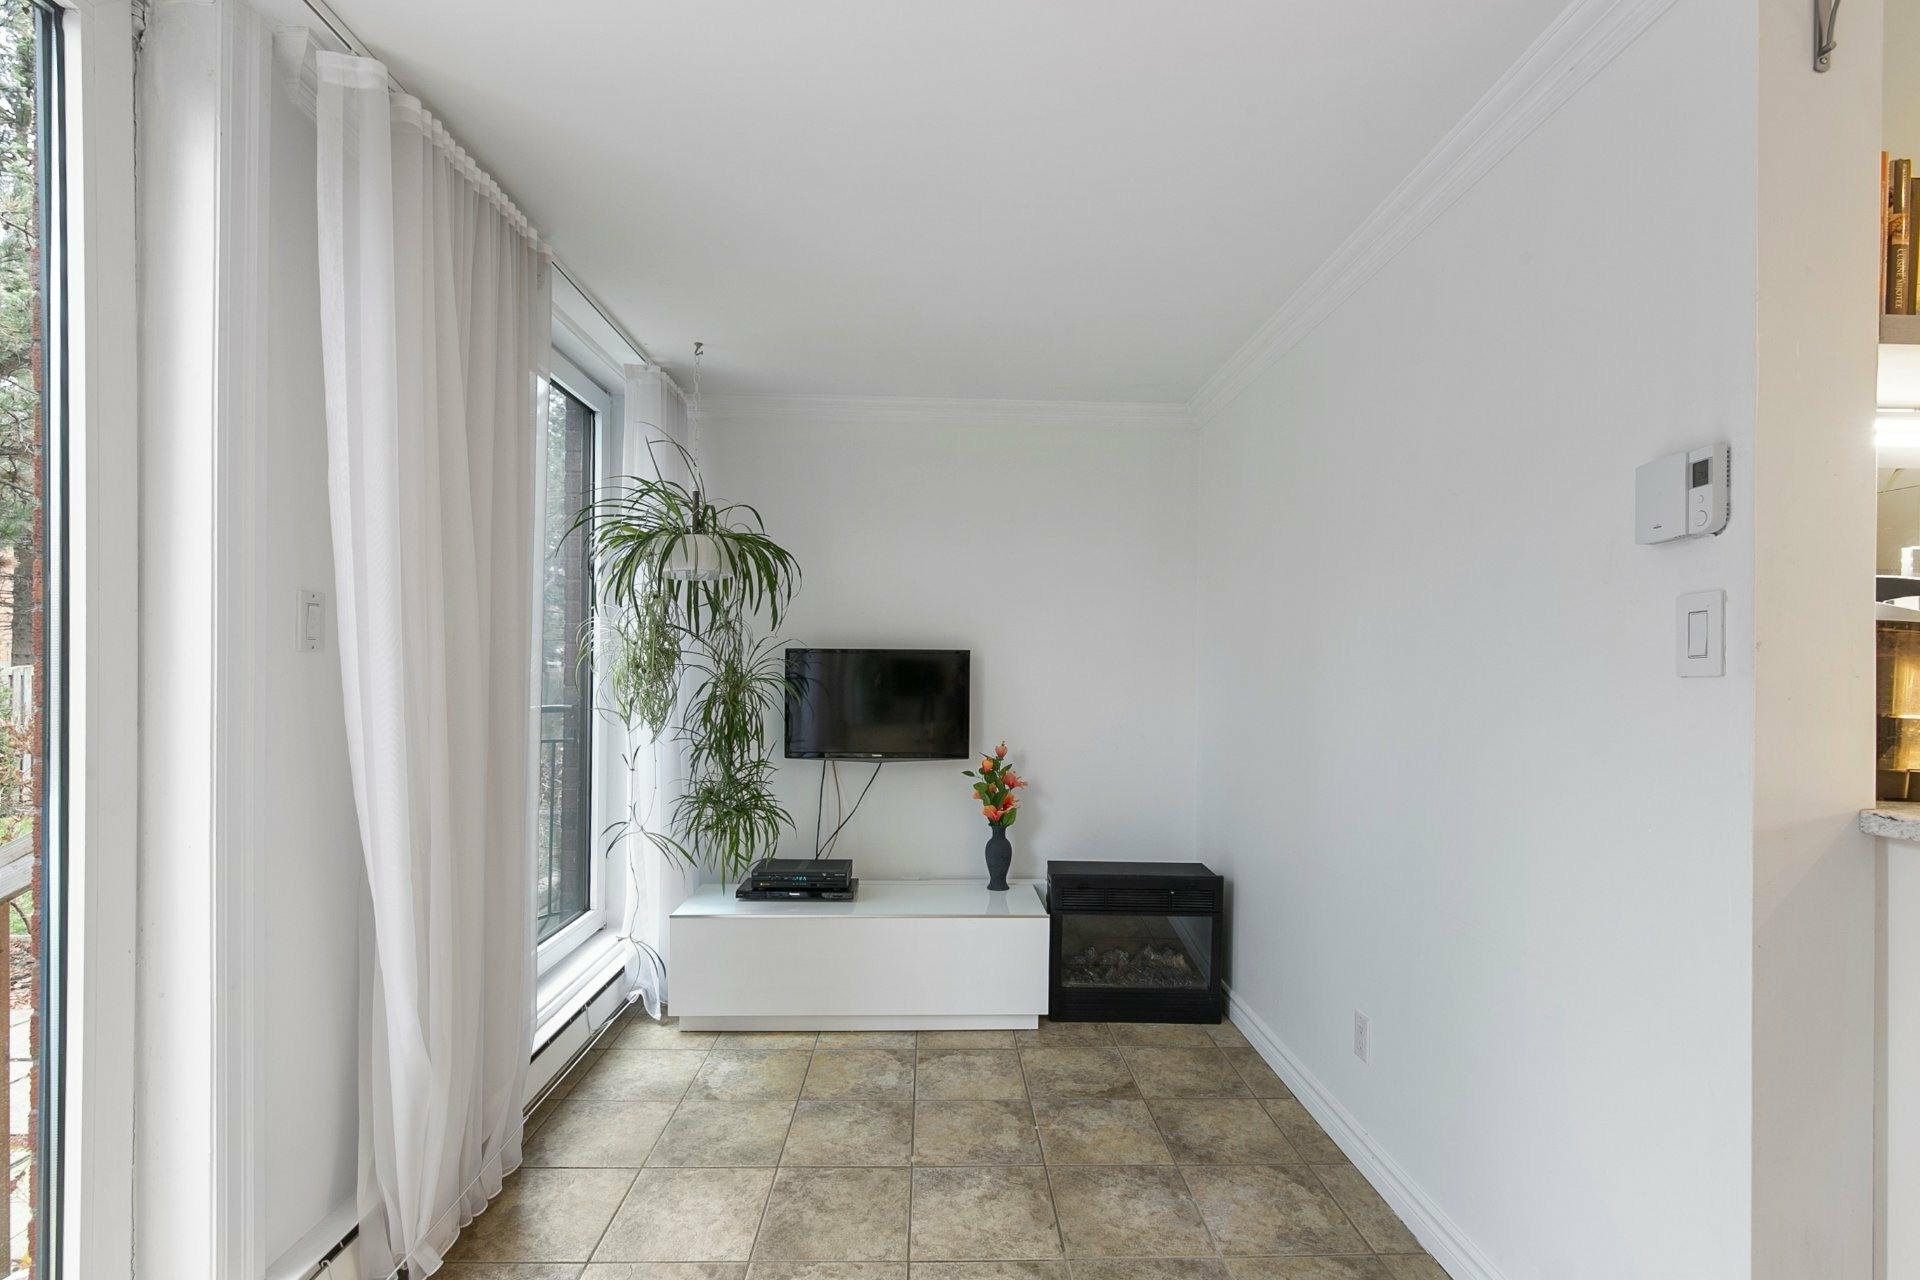 image 11 - Appartement À vendre Verdun/Île-des-Soeurs Montréal  - 6 pièces